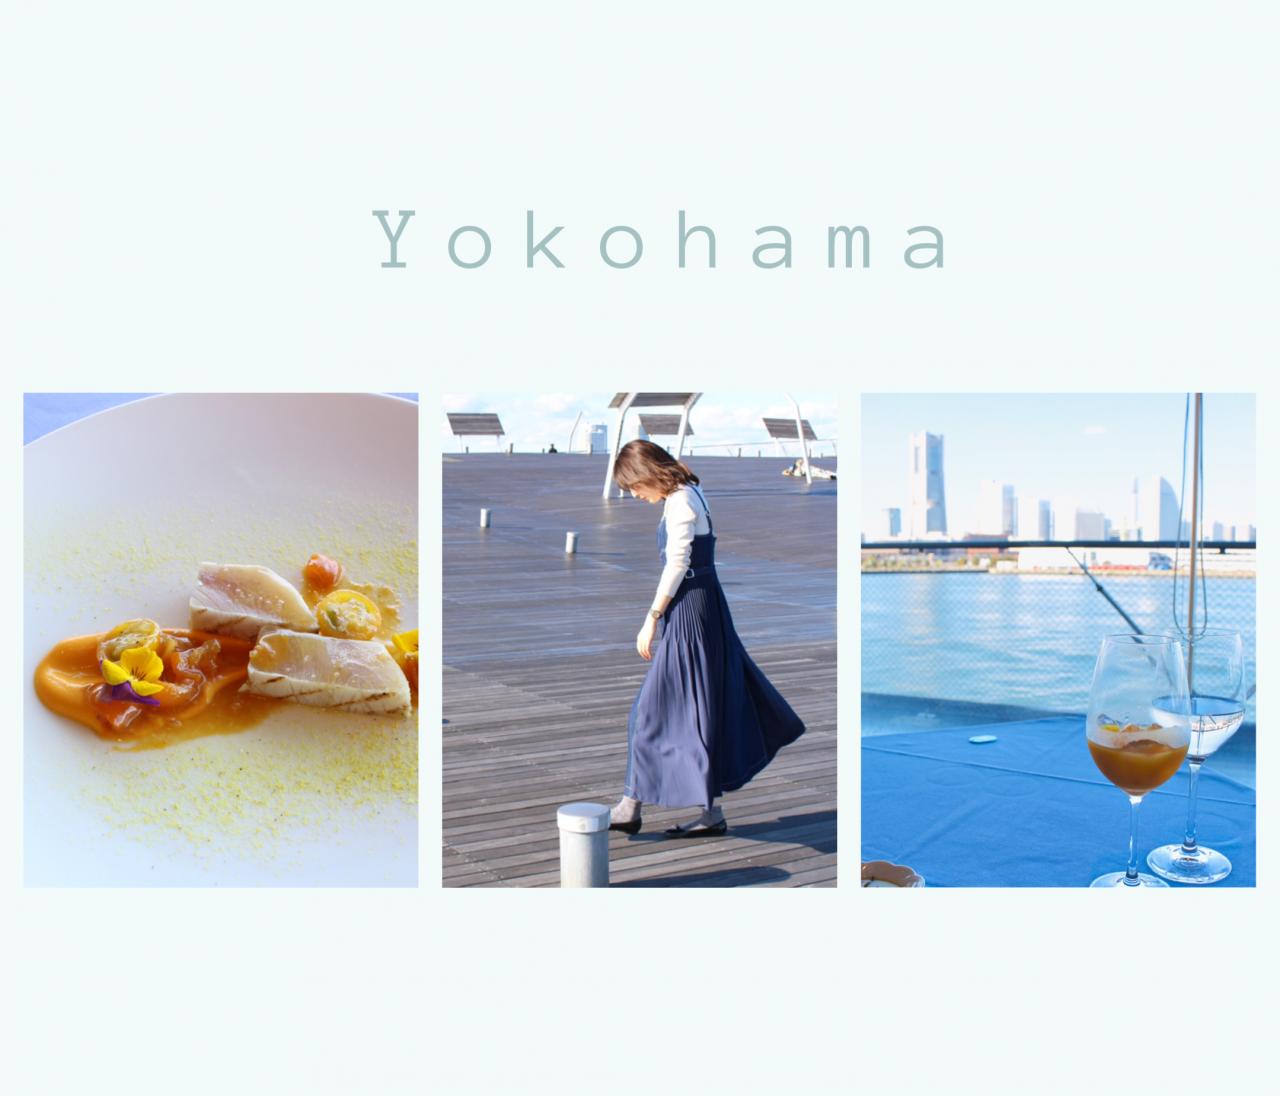 【横浜1dayプラン】みなとみらいの絶景に酔いしれる♡大人女子デート